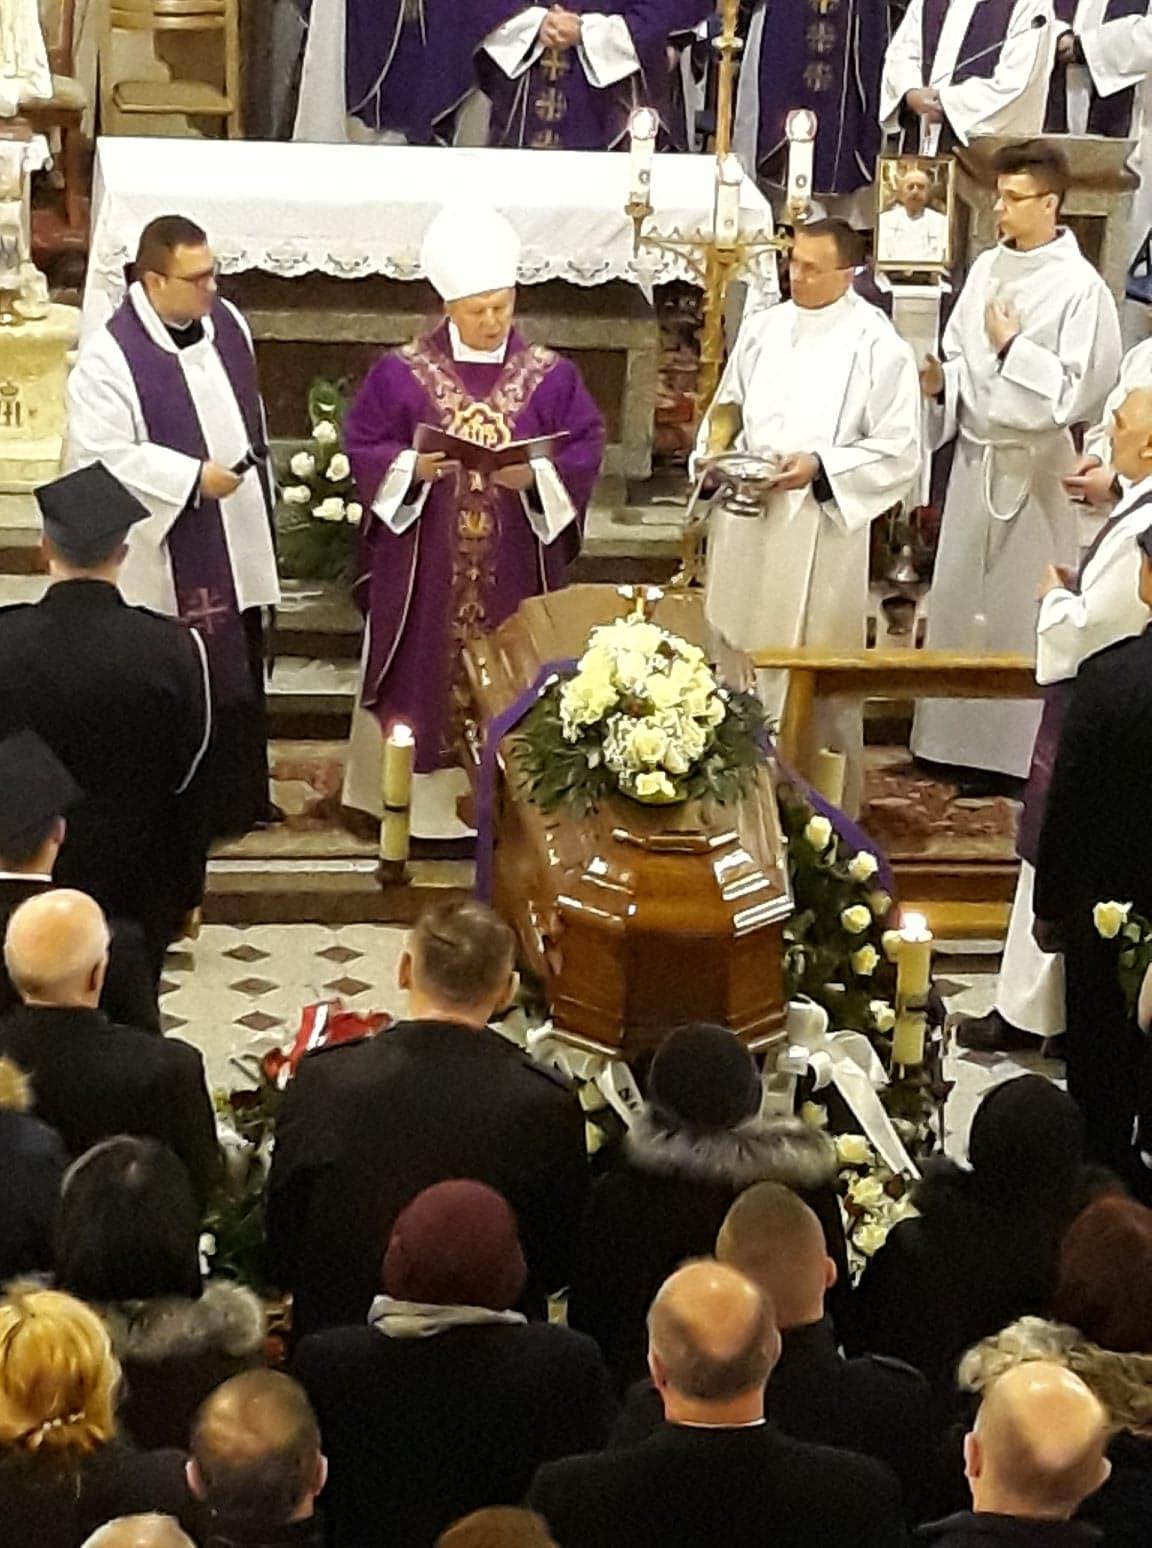 pogrzeb-ks-stanislaw-kusmierczyk-stykow-gmina-brody-bp-henryk-tomasik.jpg